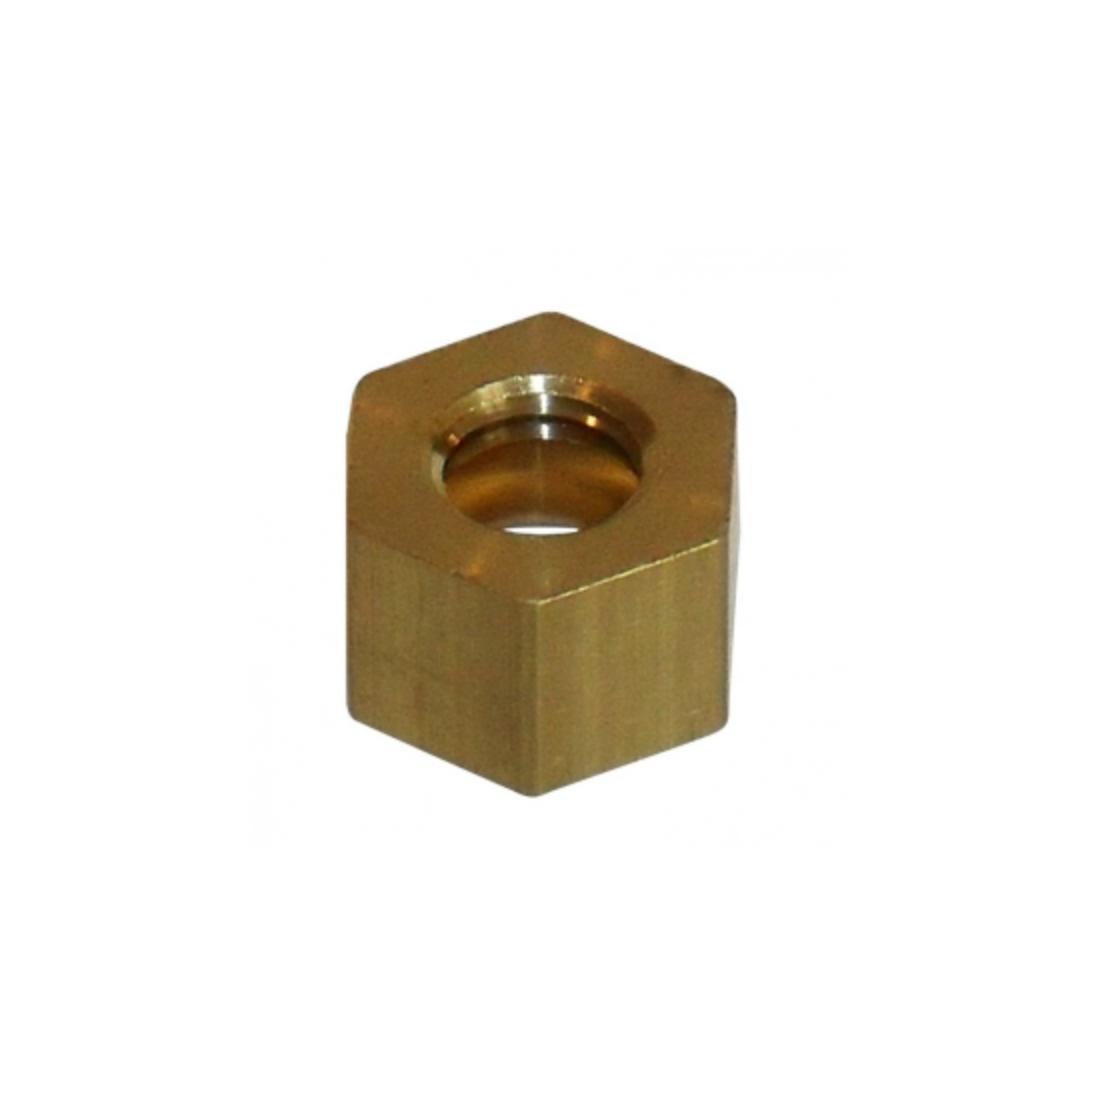 brass stop nut